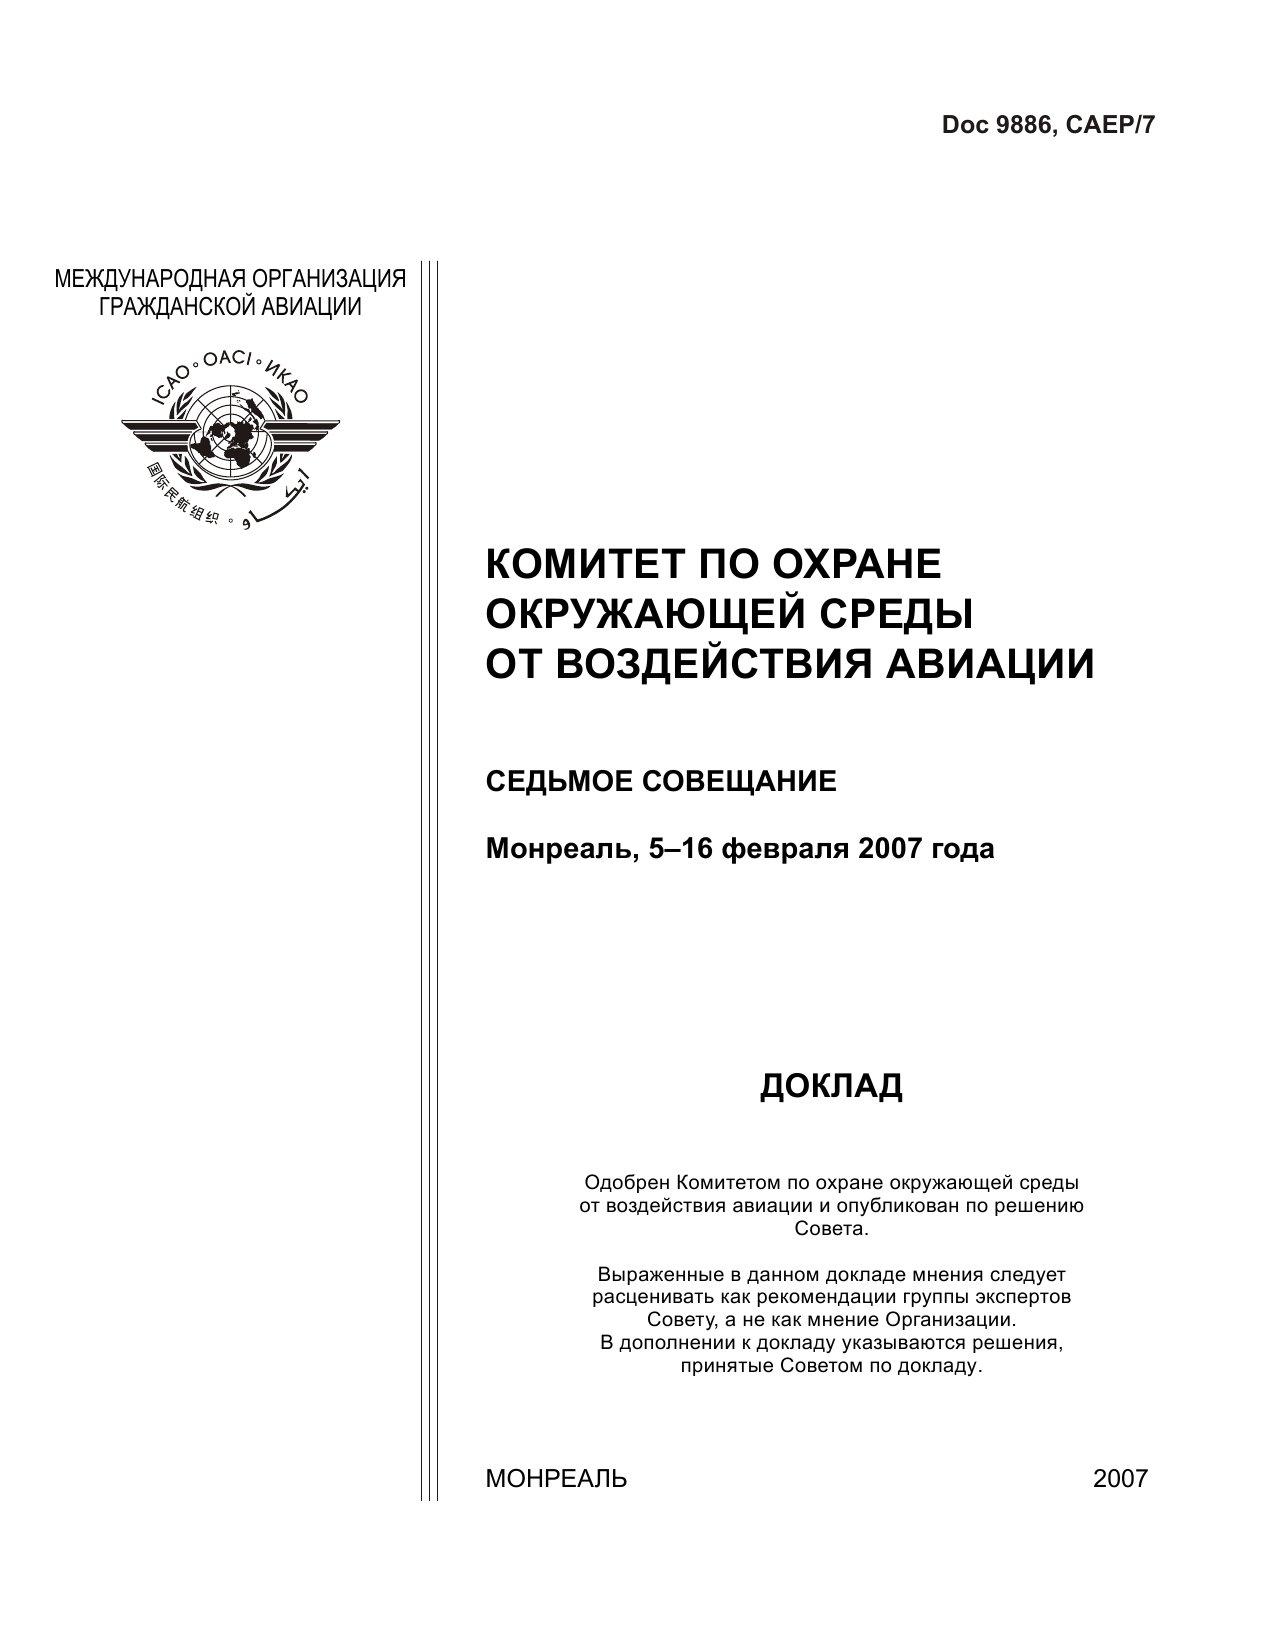 ICAO Doc 9886 Комитет по охране окружающей среды от воздействия авиации. Седьмое совещание. Монреаль, 5-16 февраля 2007 года